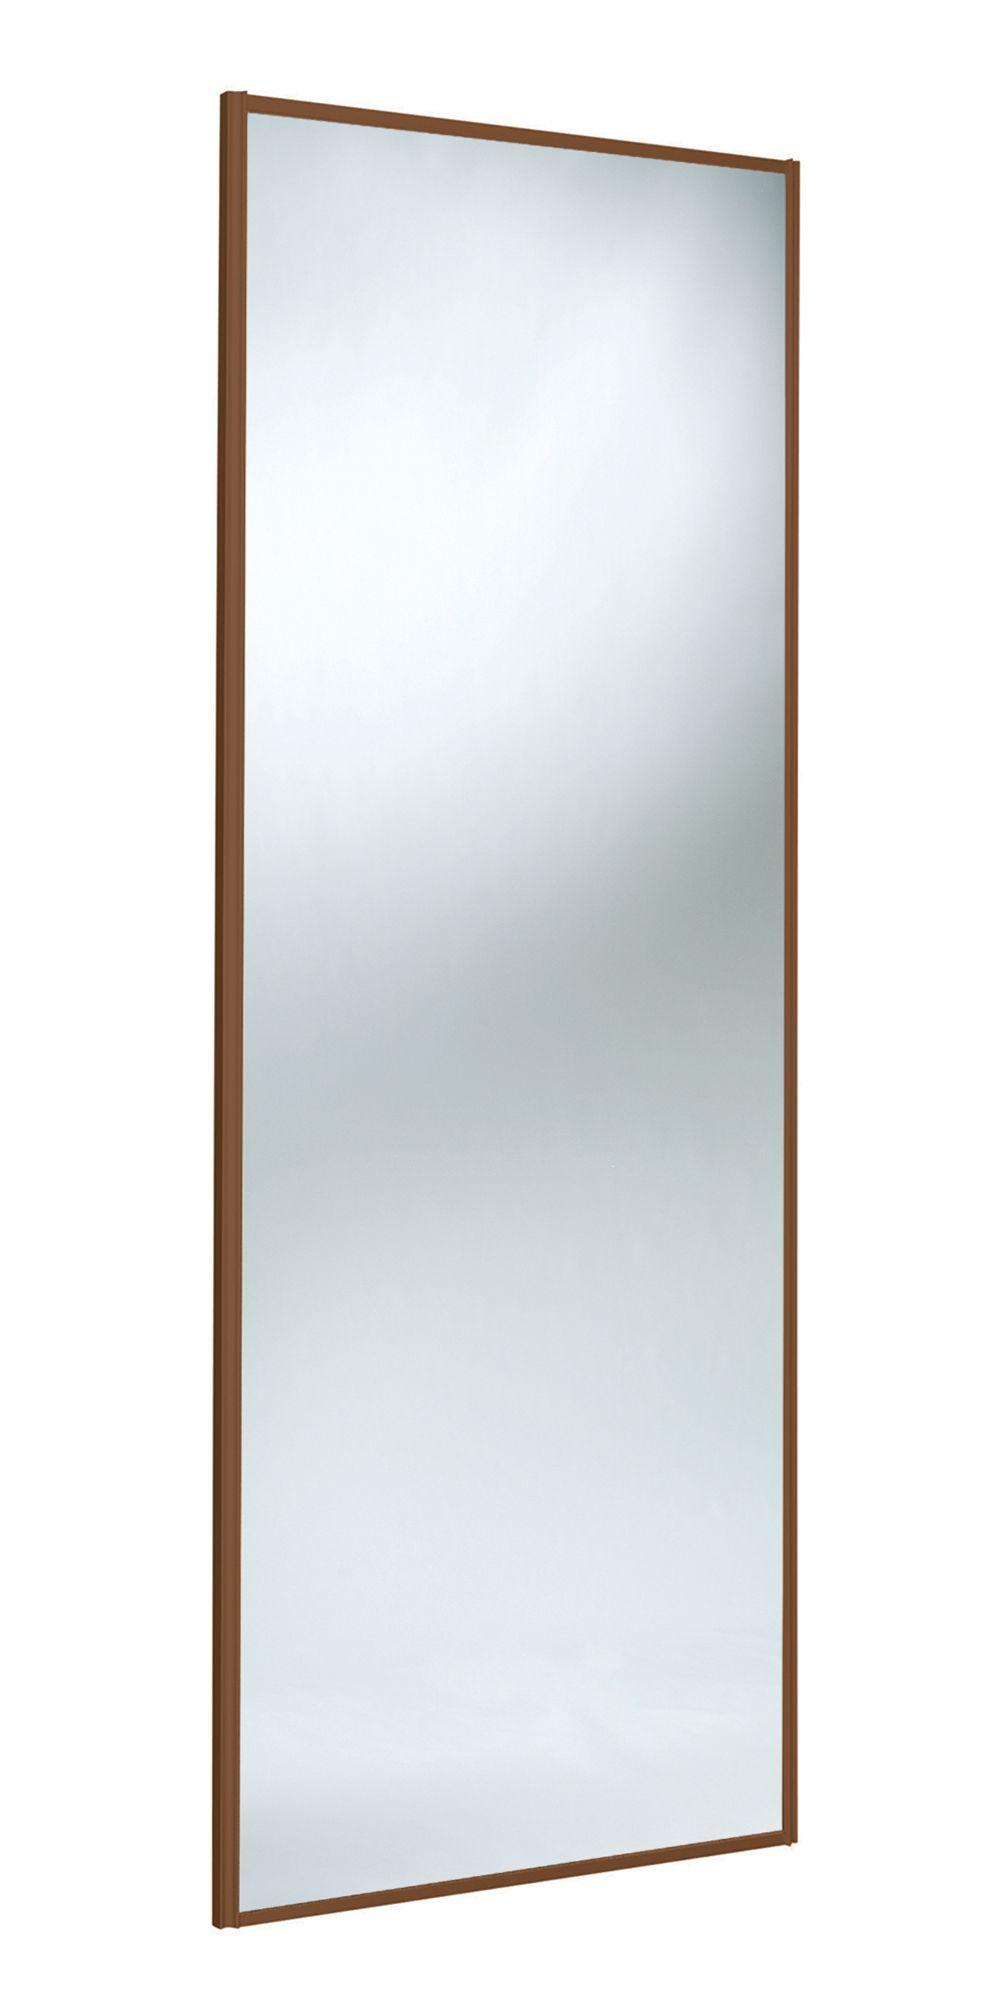 Panel Full Length Mirror Mirror Sliding Wardrobe Door (h)2220 Mm (w)610 Mm